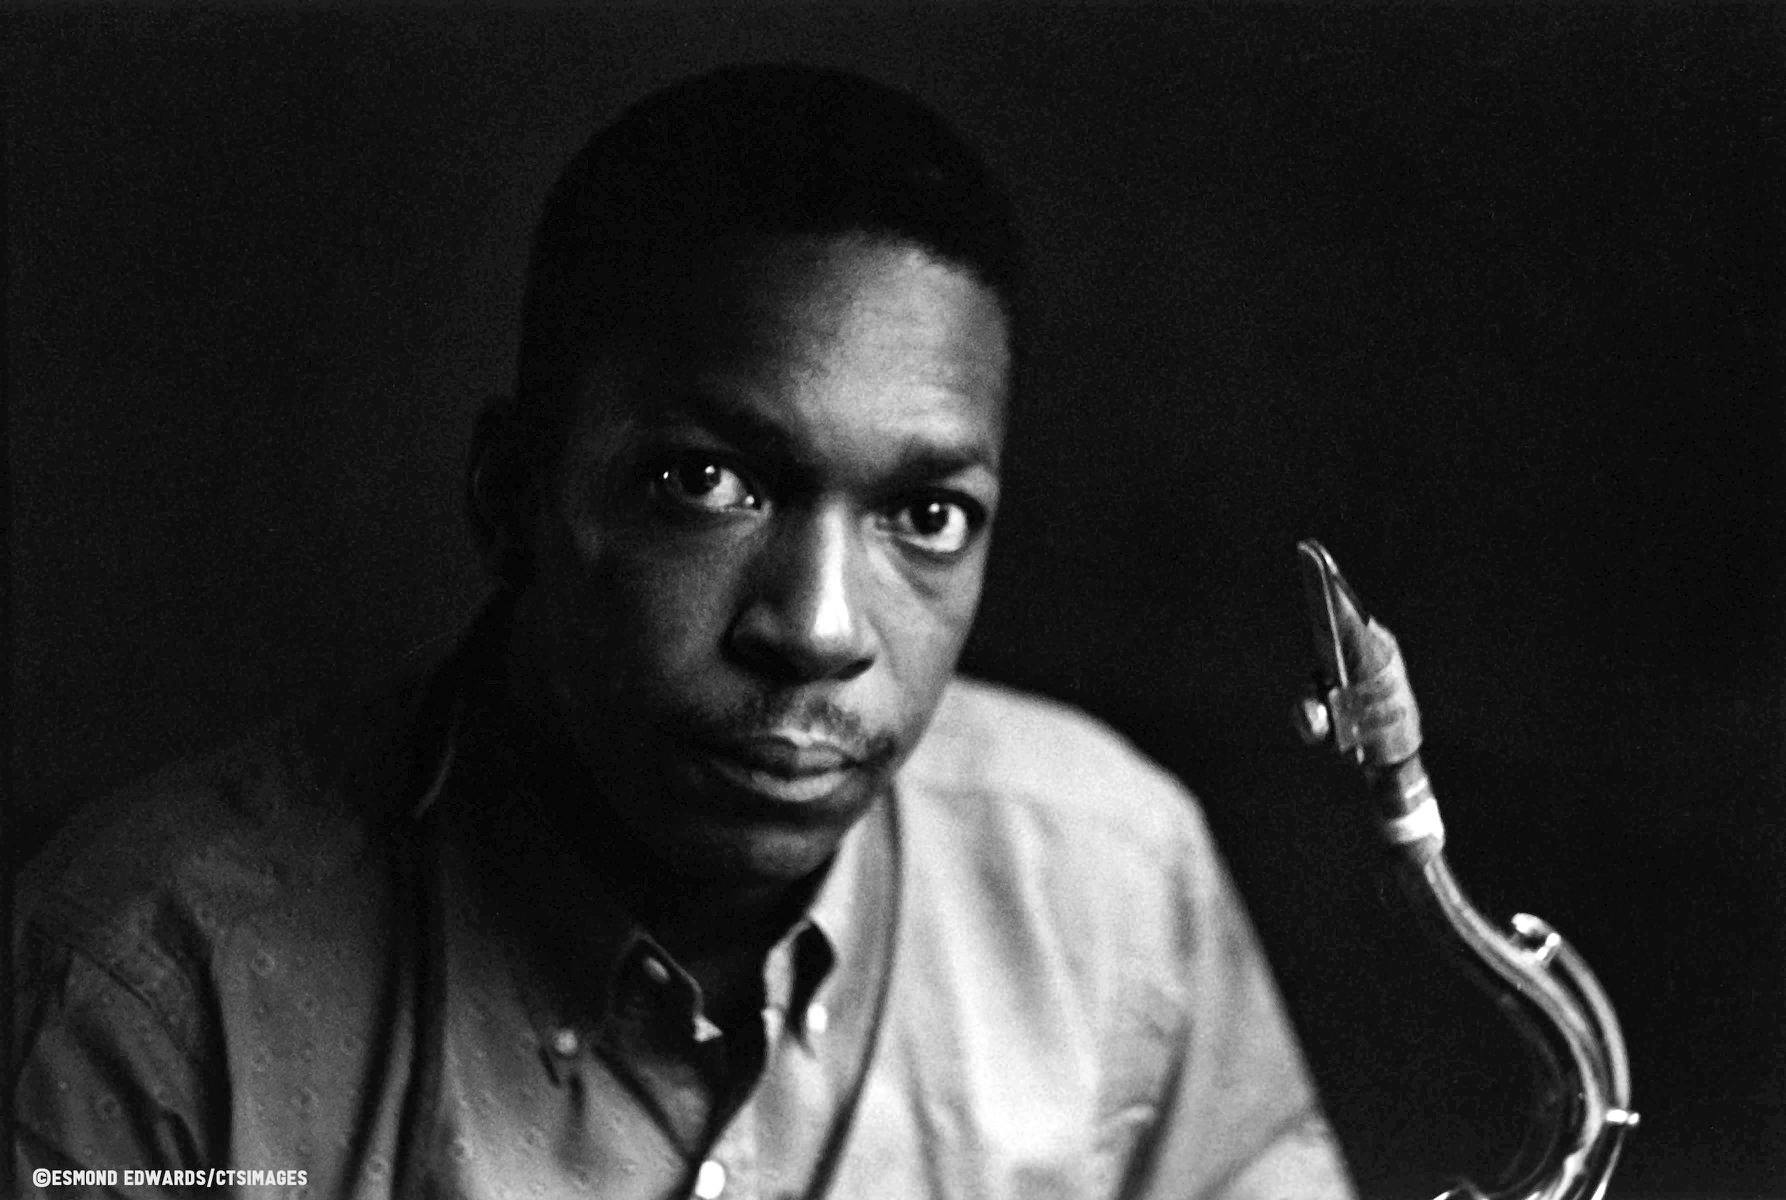 Musica Internazionale, Nuove Uscite. John Coltrane: un nuovo album di inediti fa tornare in vita la leggenda del jazz